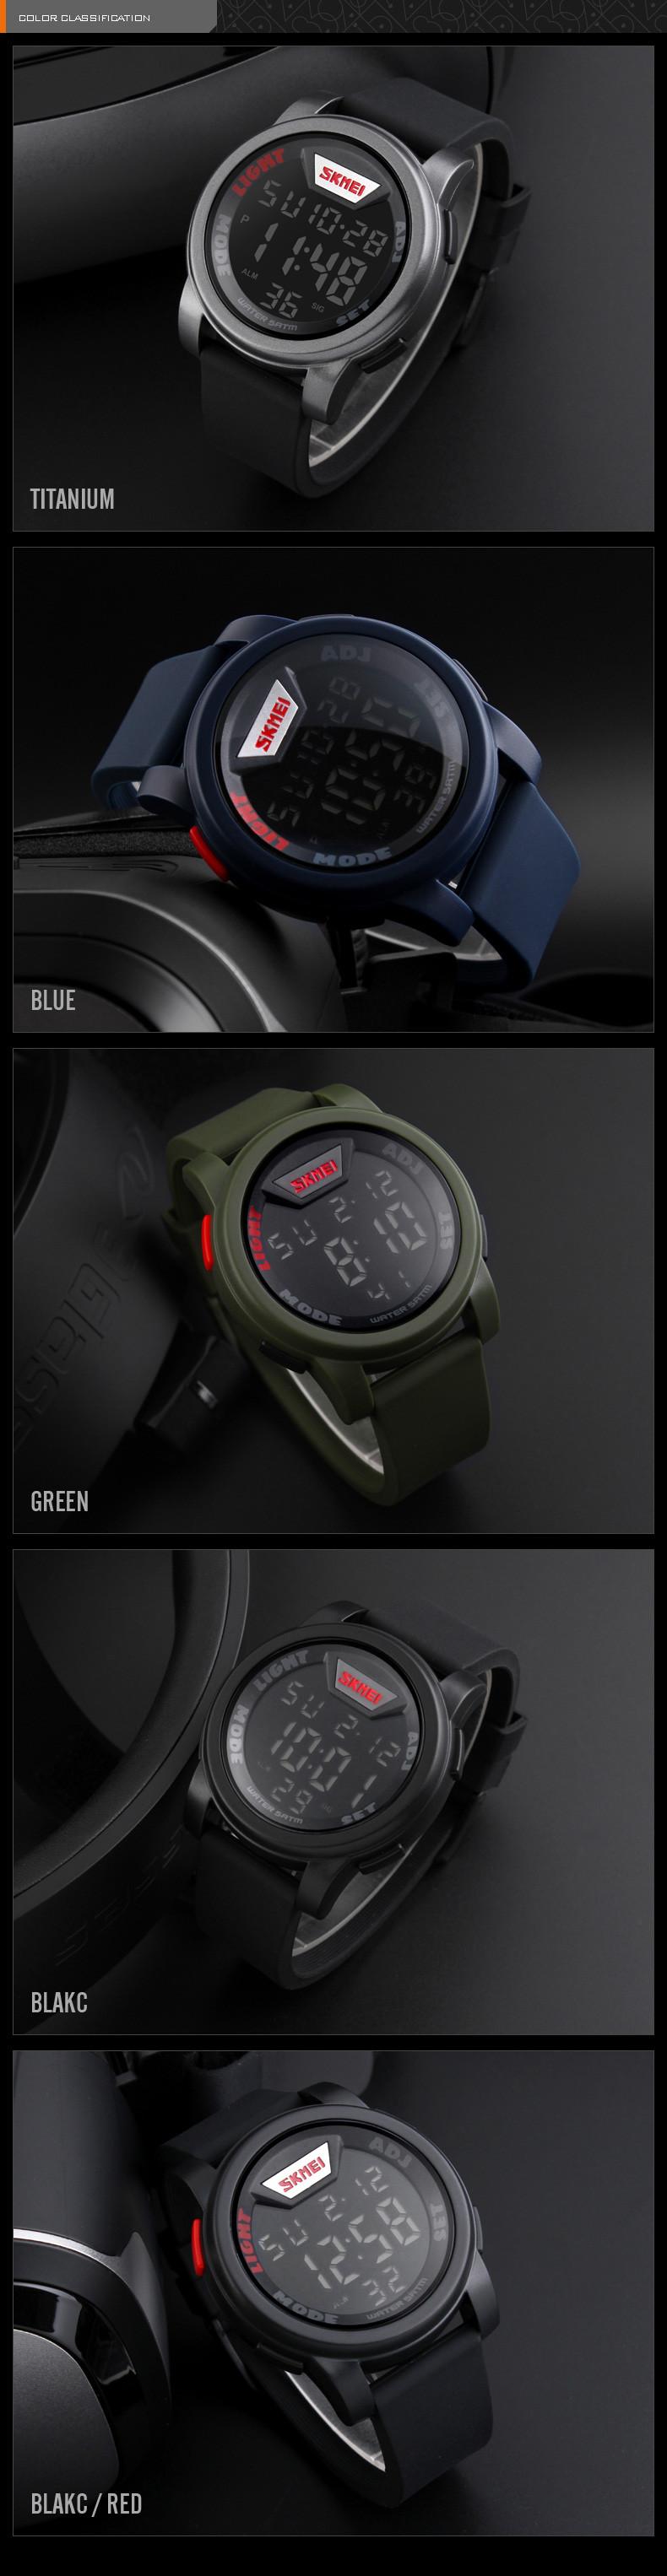 HTB1KAbeNXXXXXcUXFXXq6xXFXXXZ - SKMEI SIMPLE Sport Watch for Men